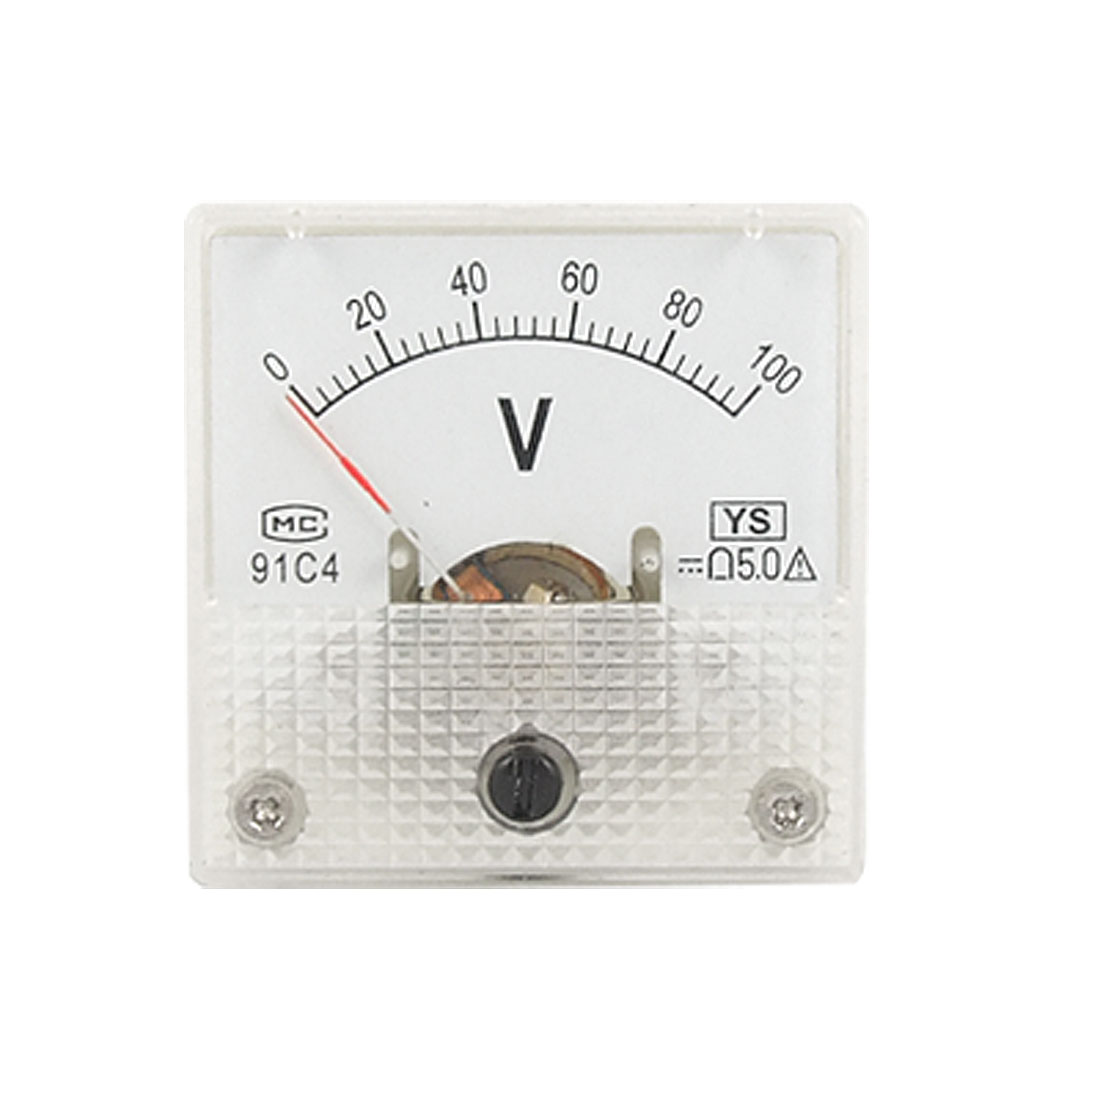 Cheap Analog Dc Voltmeter Find Deals On Line At Voltmeters 91c4 0 100v Voltage Panel Meter New 00voltmeter1000